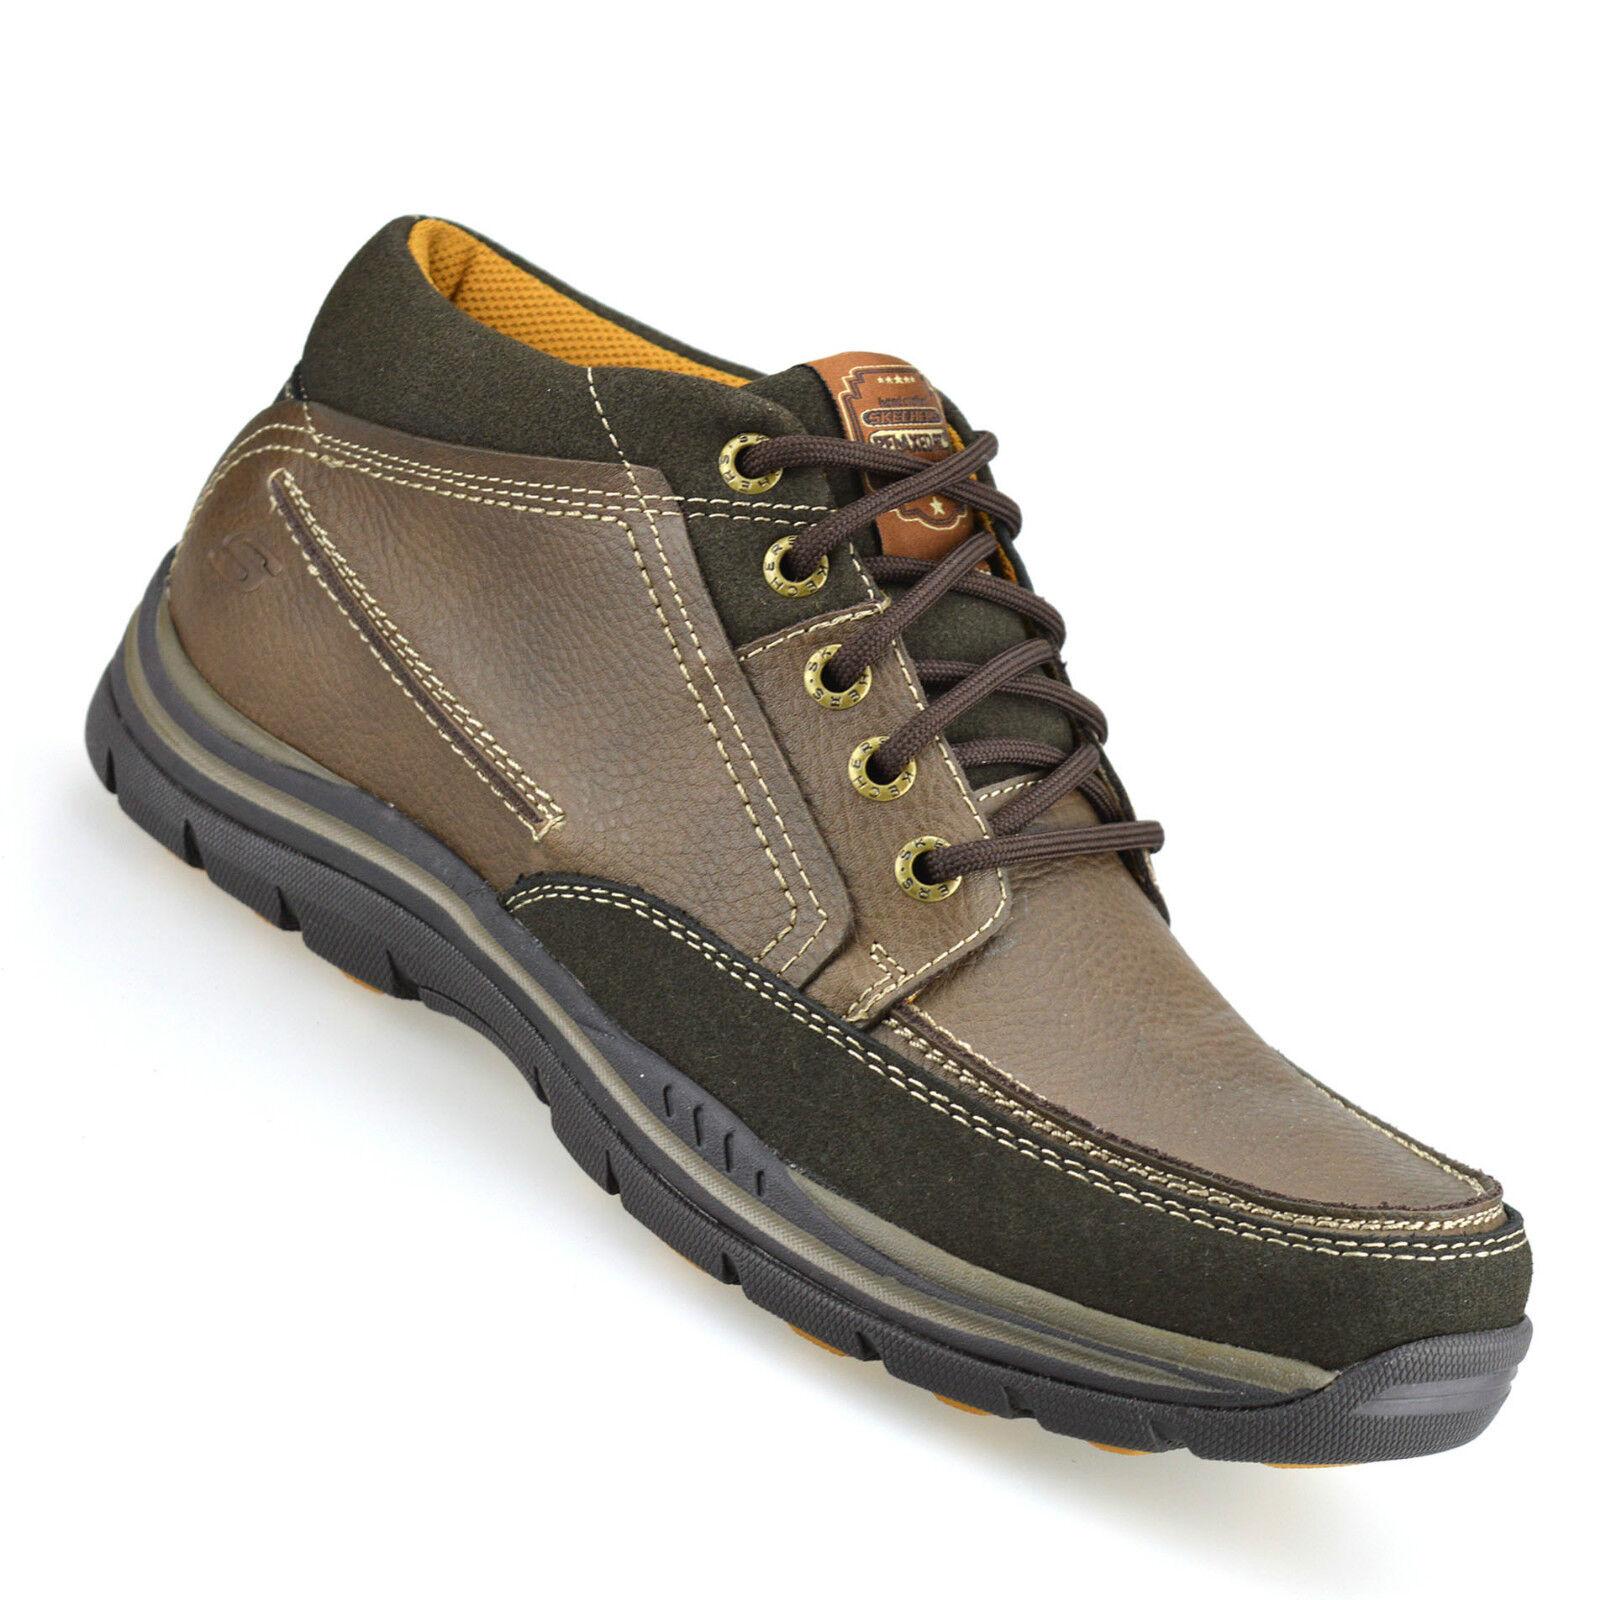 Mens Skechers Leather Relaxed Fit Memory Foam Walking Ankle Stiefel schuhe Größe